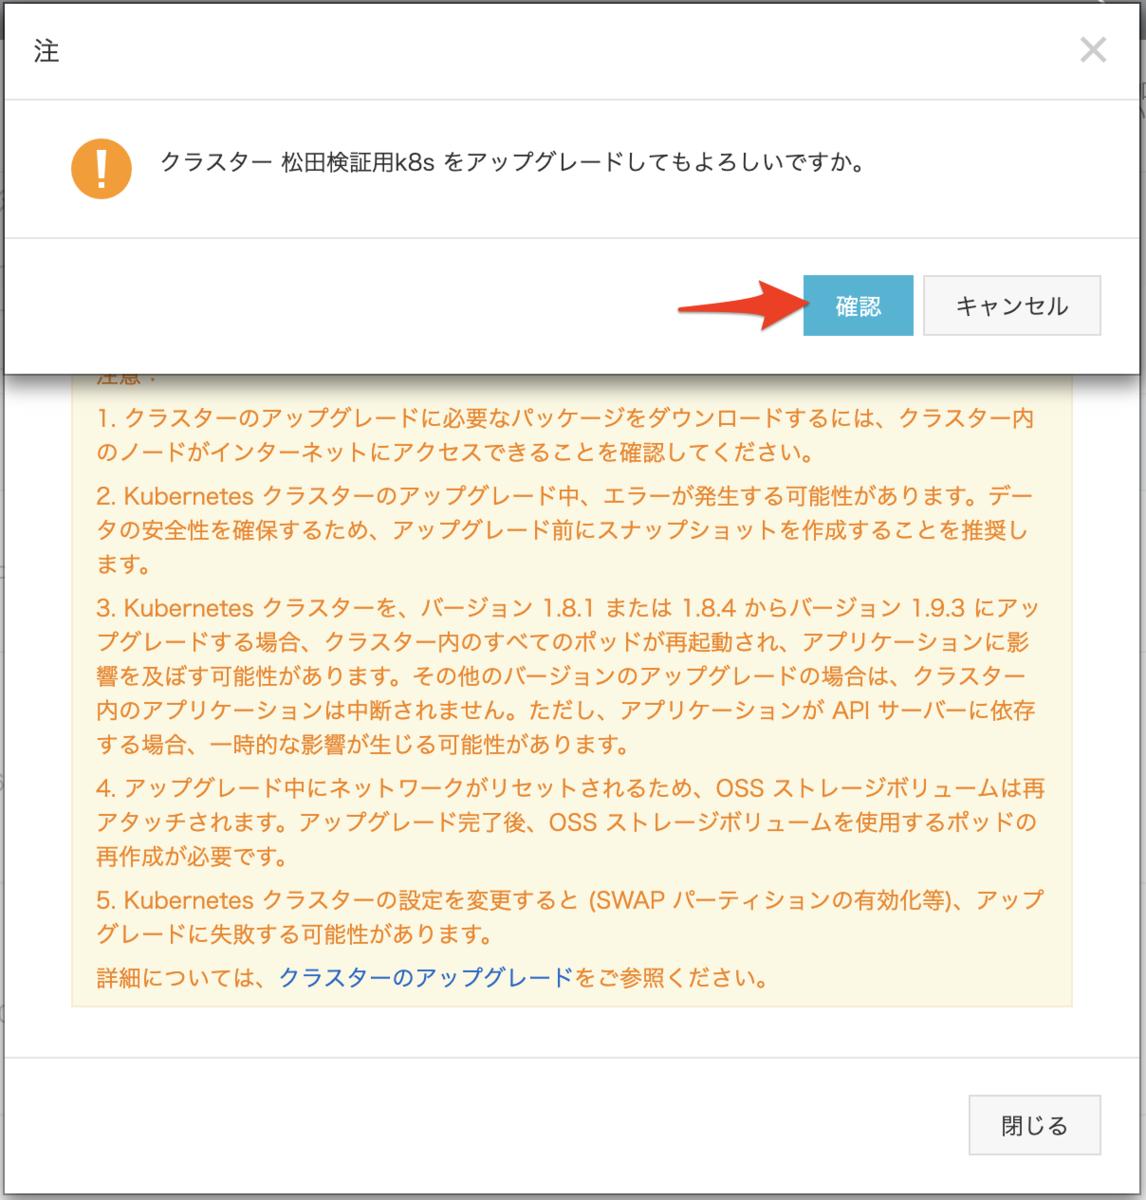 f:id:sbc_y_matsuda:20190612172404p:plain:w650